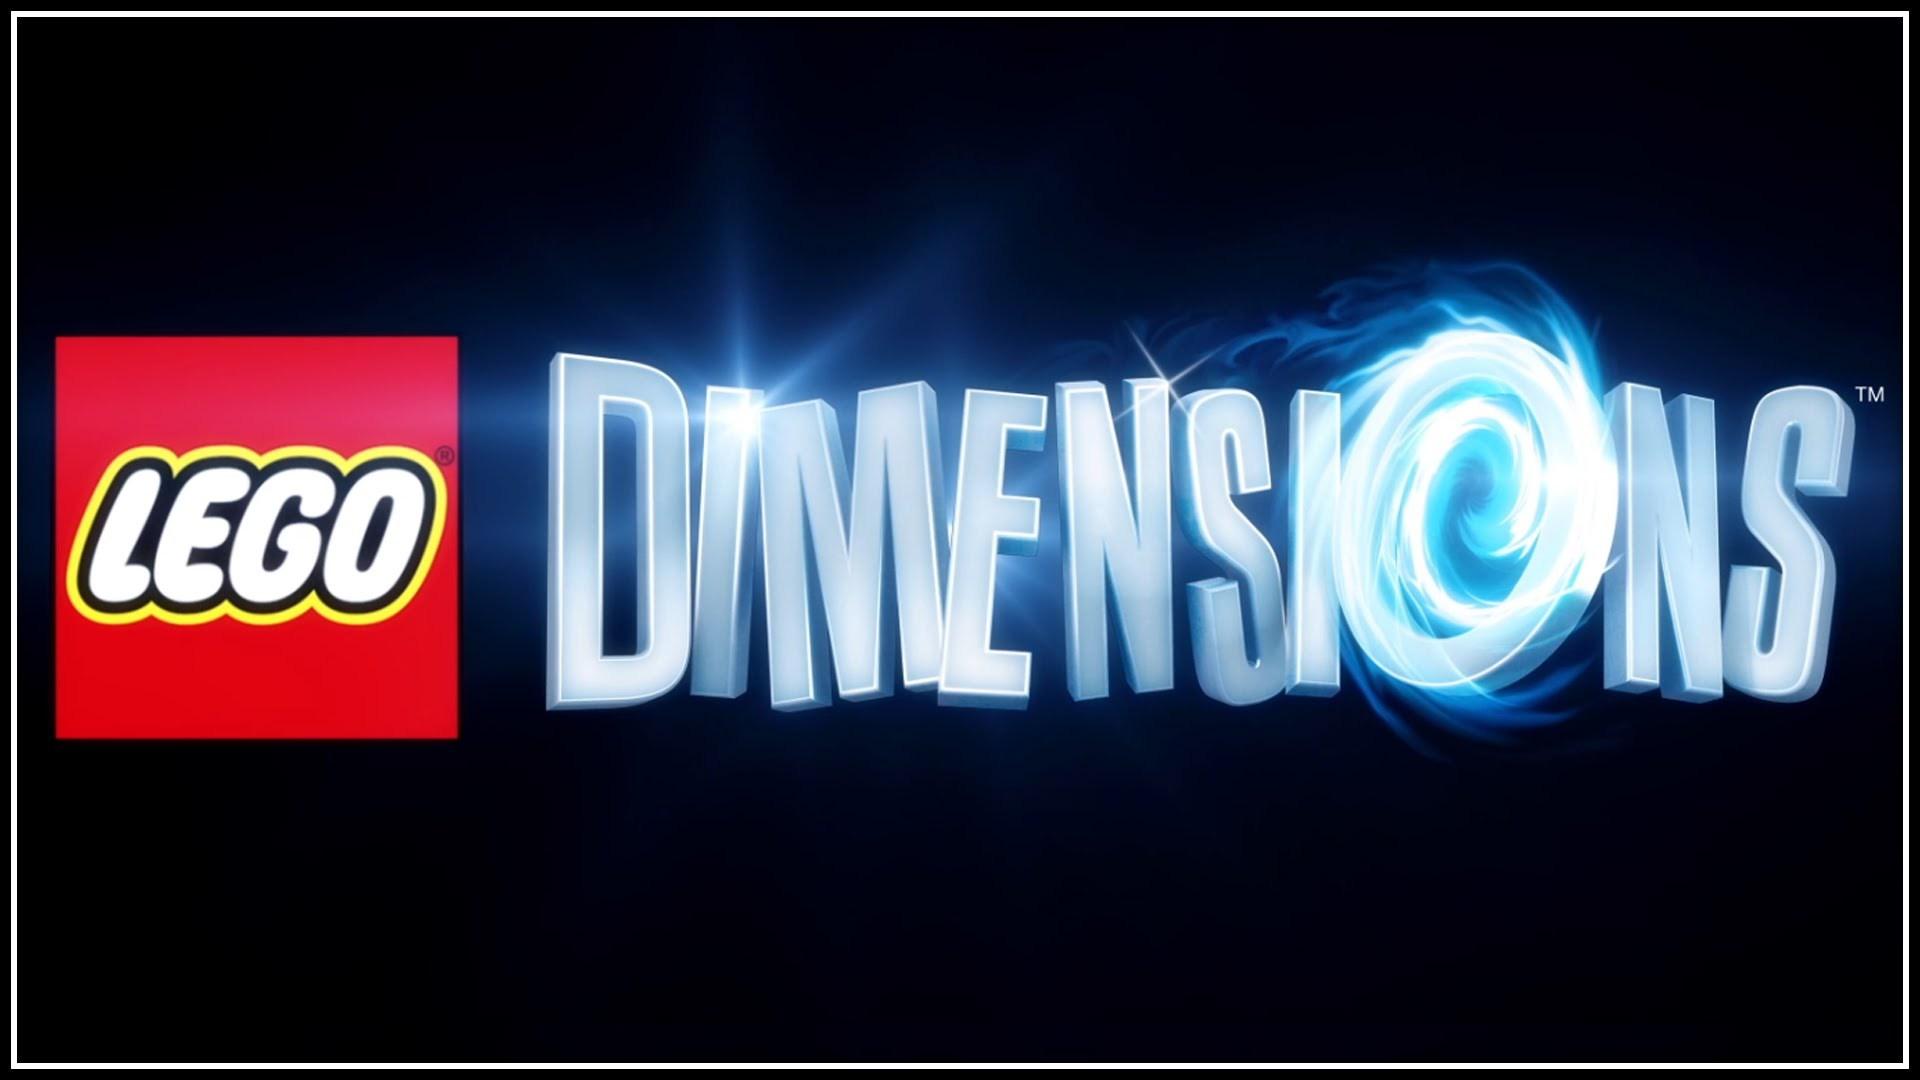 [AGGIORNATO] LEGO Dimensions chiude i battenti con un anno di anticipo